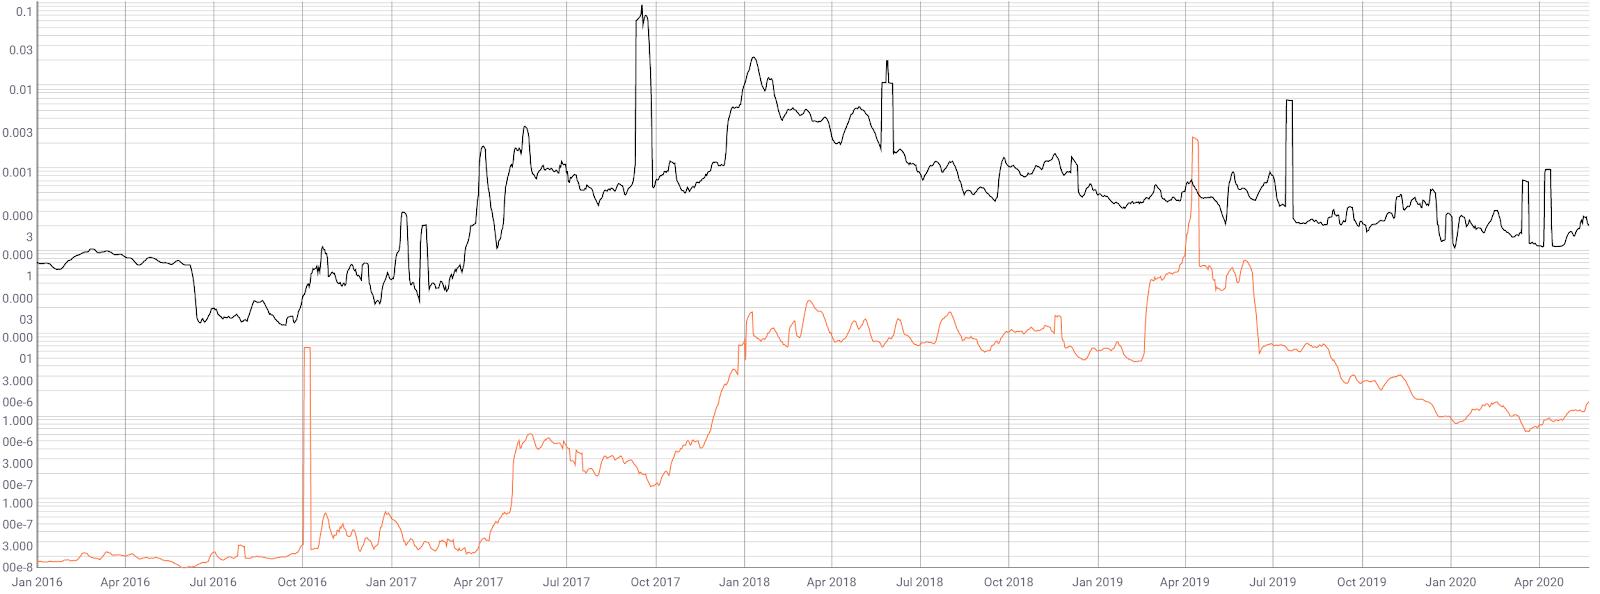 Stellar Price Analysis 25 May 2020 (7)